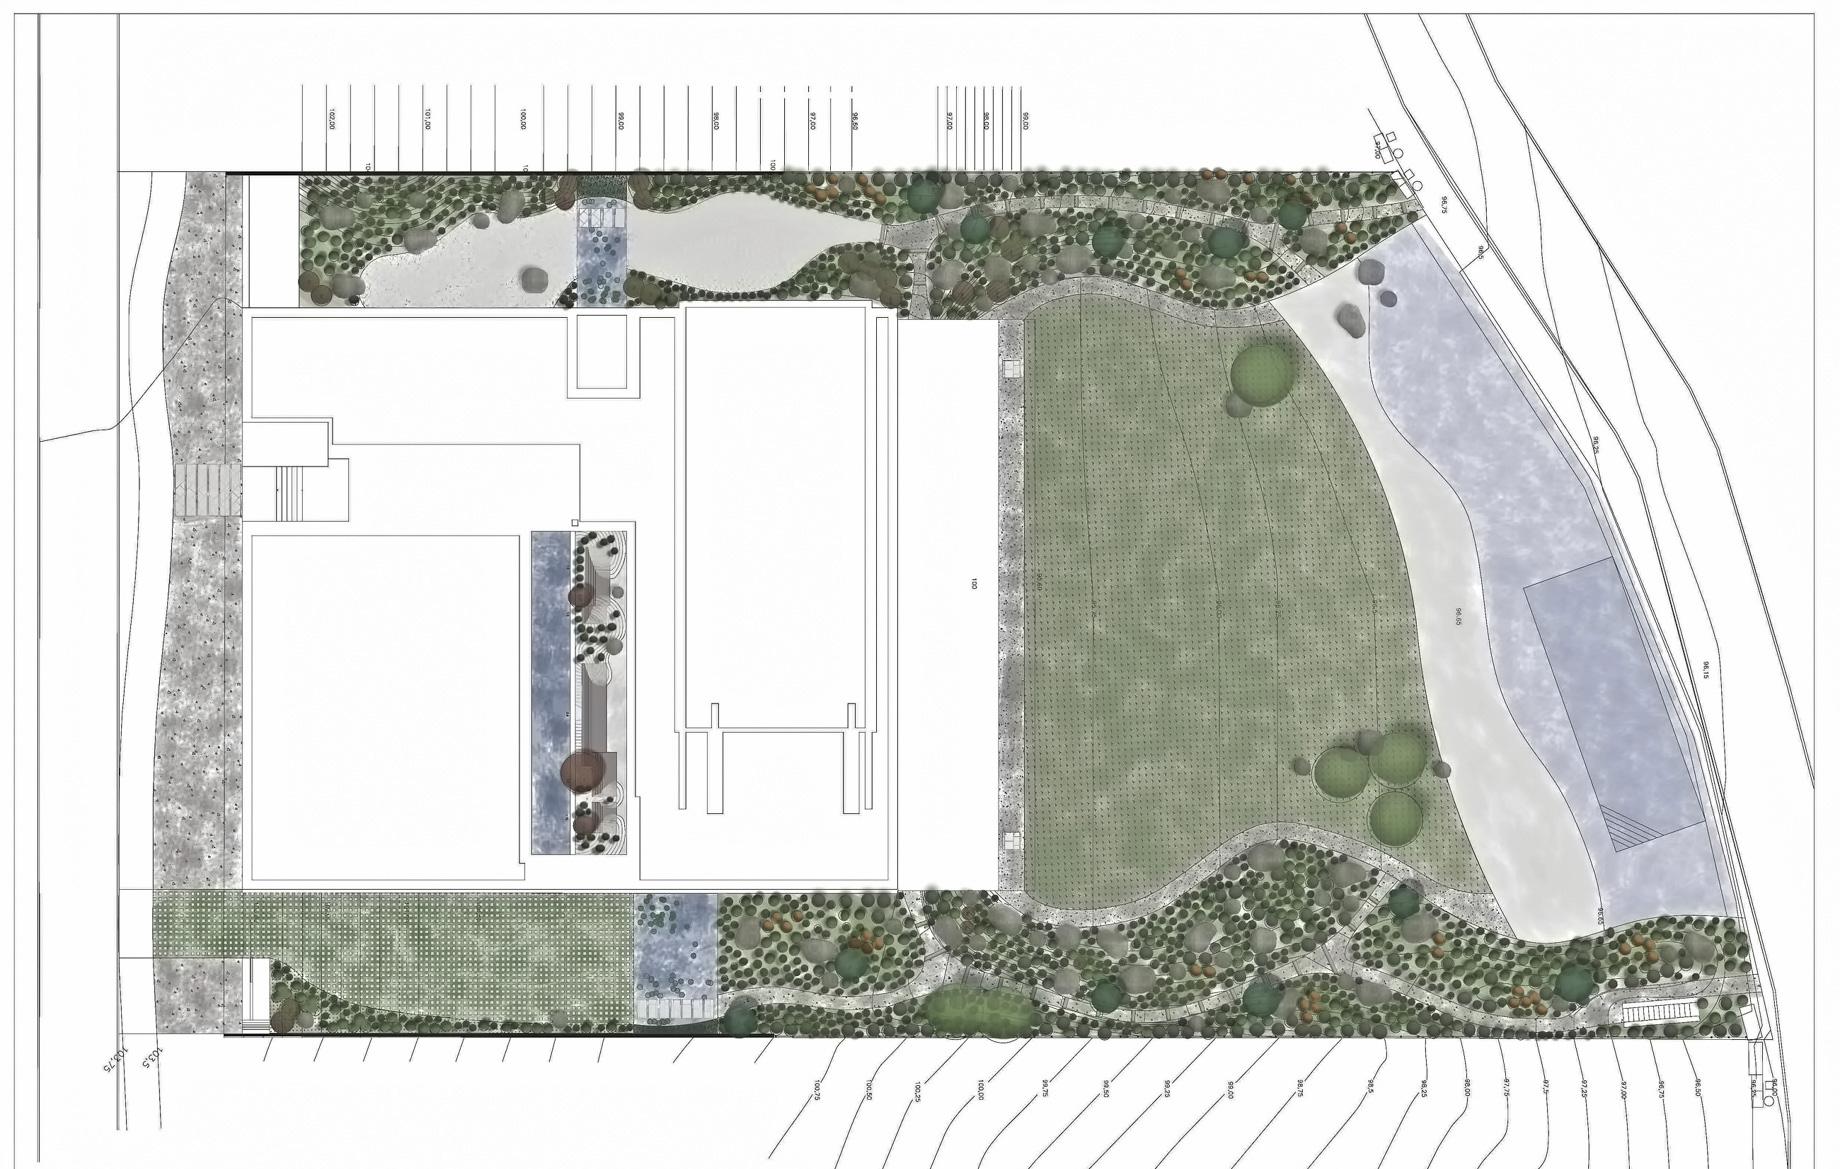 Site Plan - Vivienda en Somosaguas - Pozuelo de Alarcón, Madrid, Spain